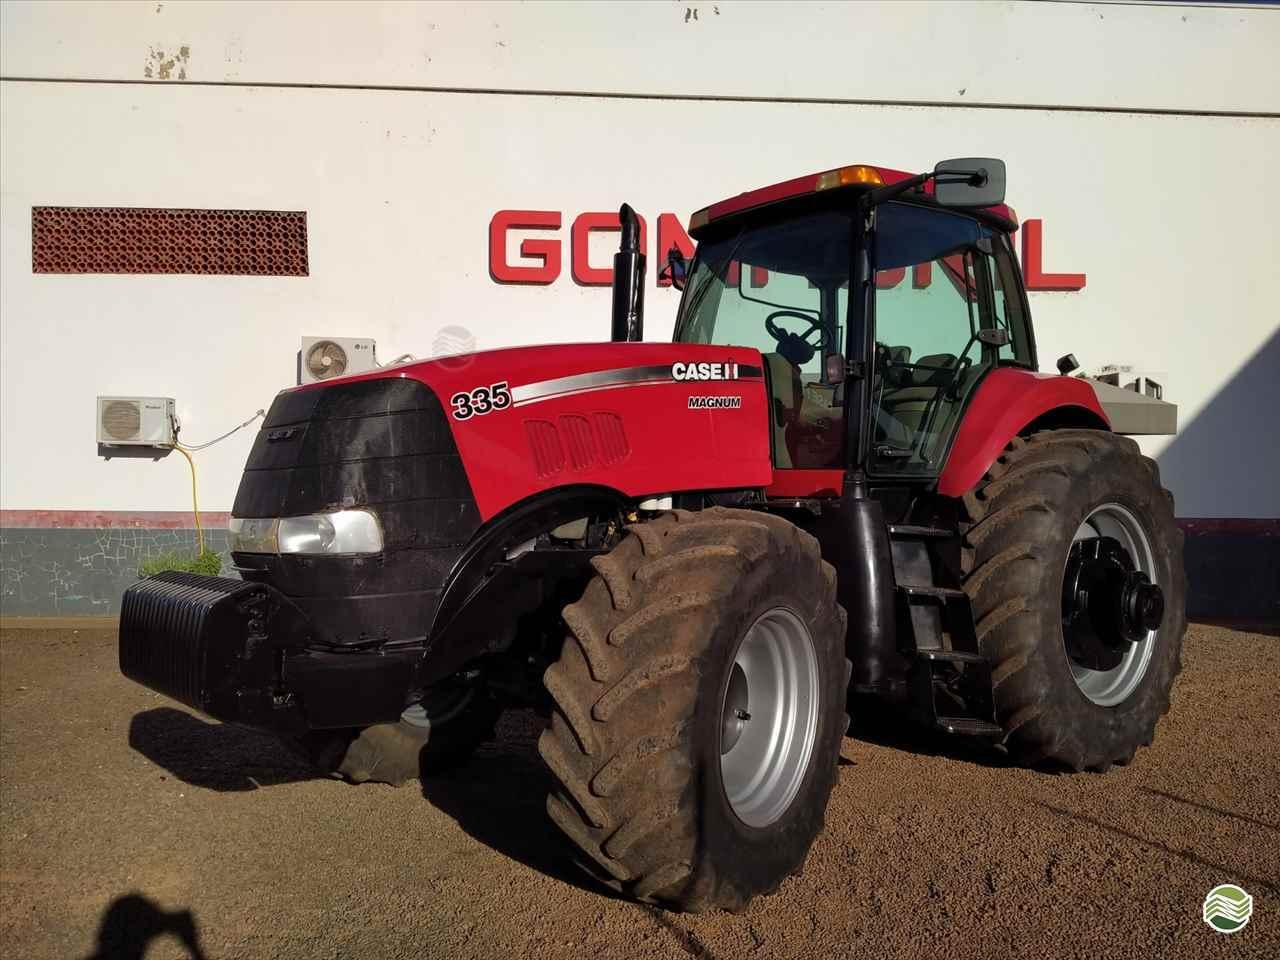 TRATOR CASE MAGNUM 335 Tração 4x4 Gomagril Máquinas Agrícolas TANGARA DA SERRA MATO GROSSO MT